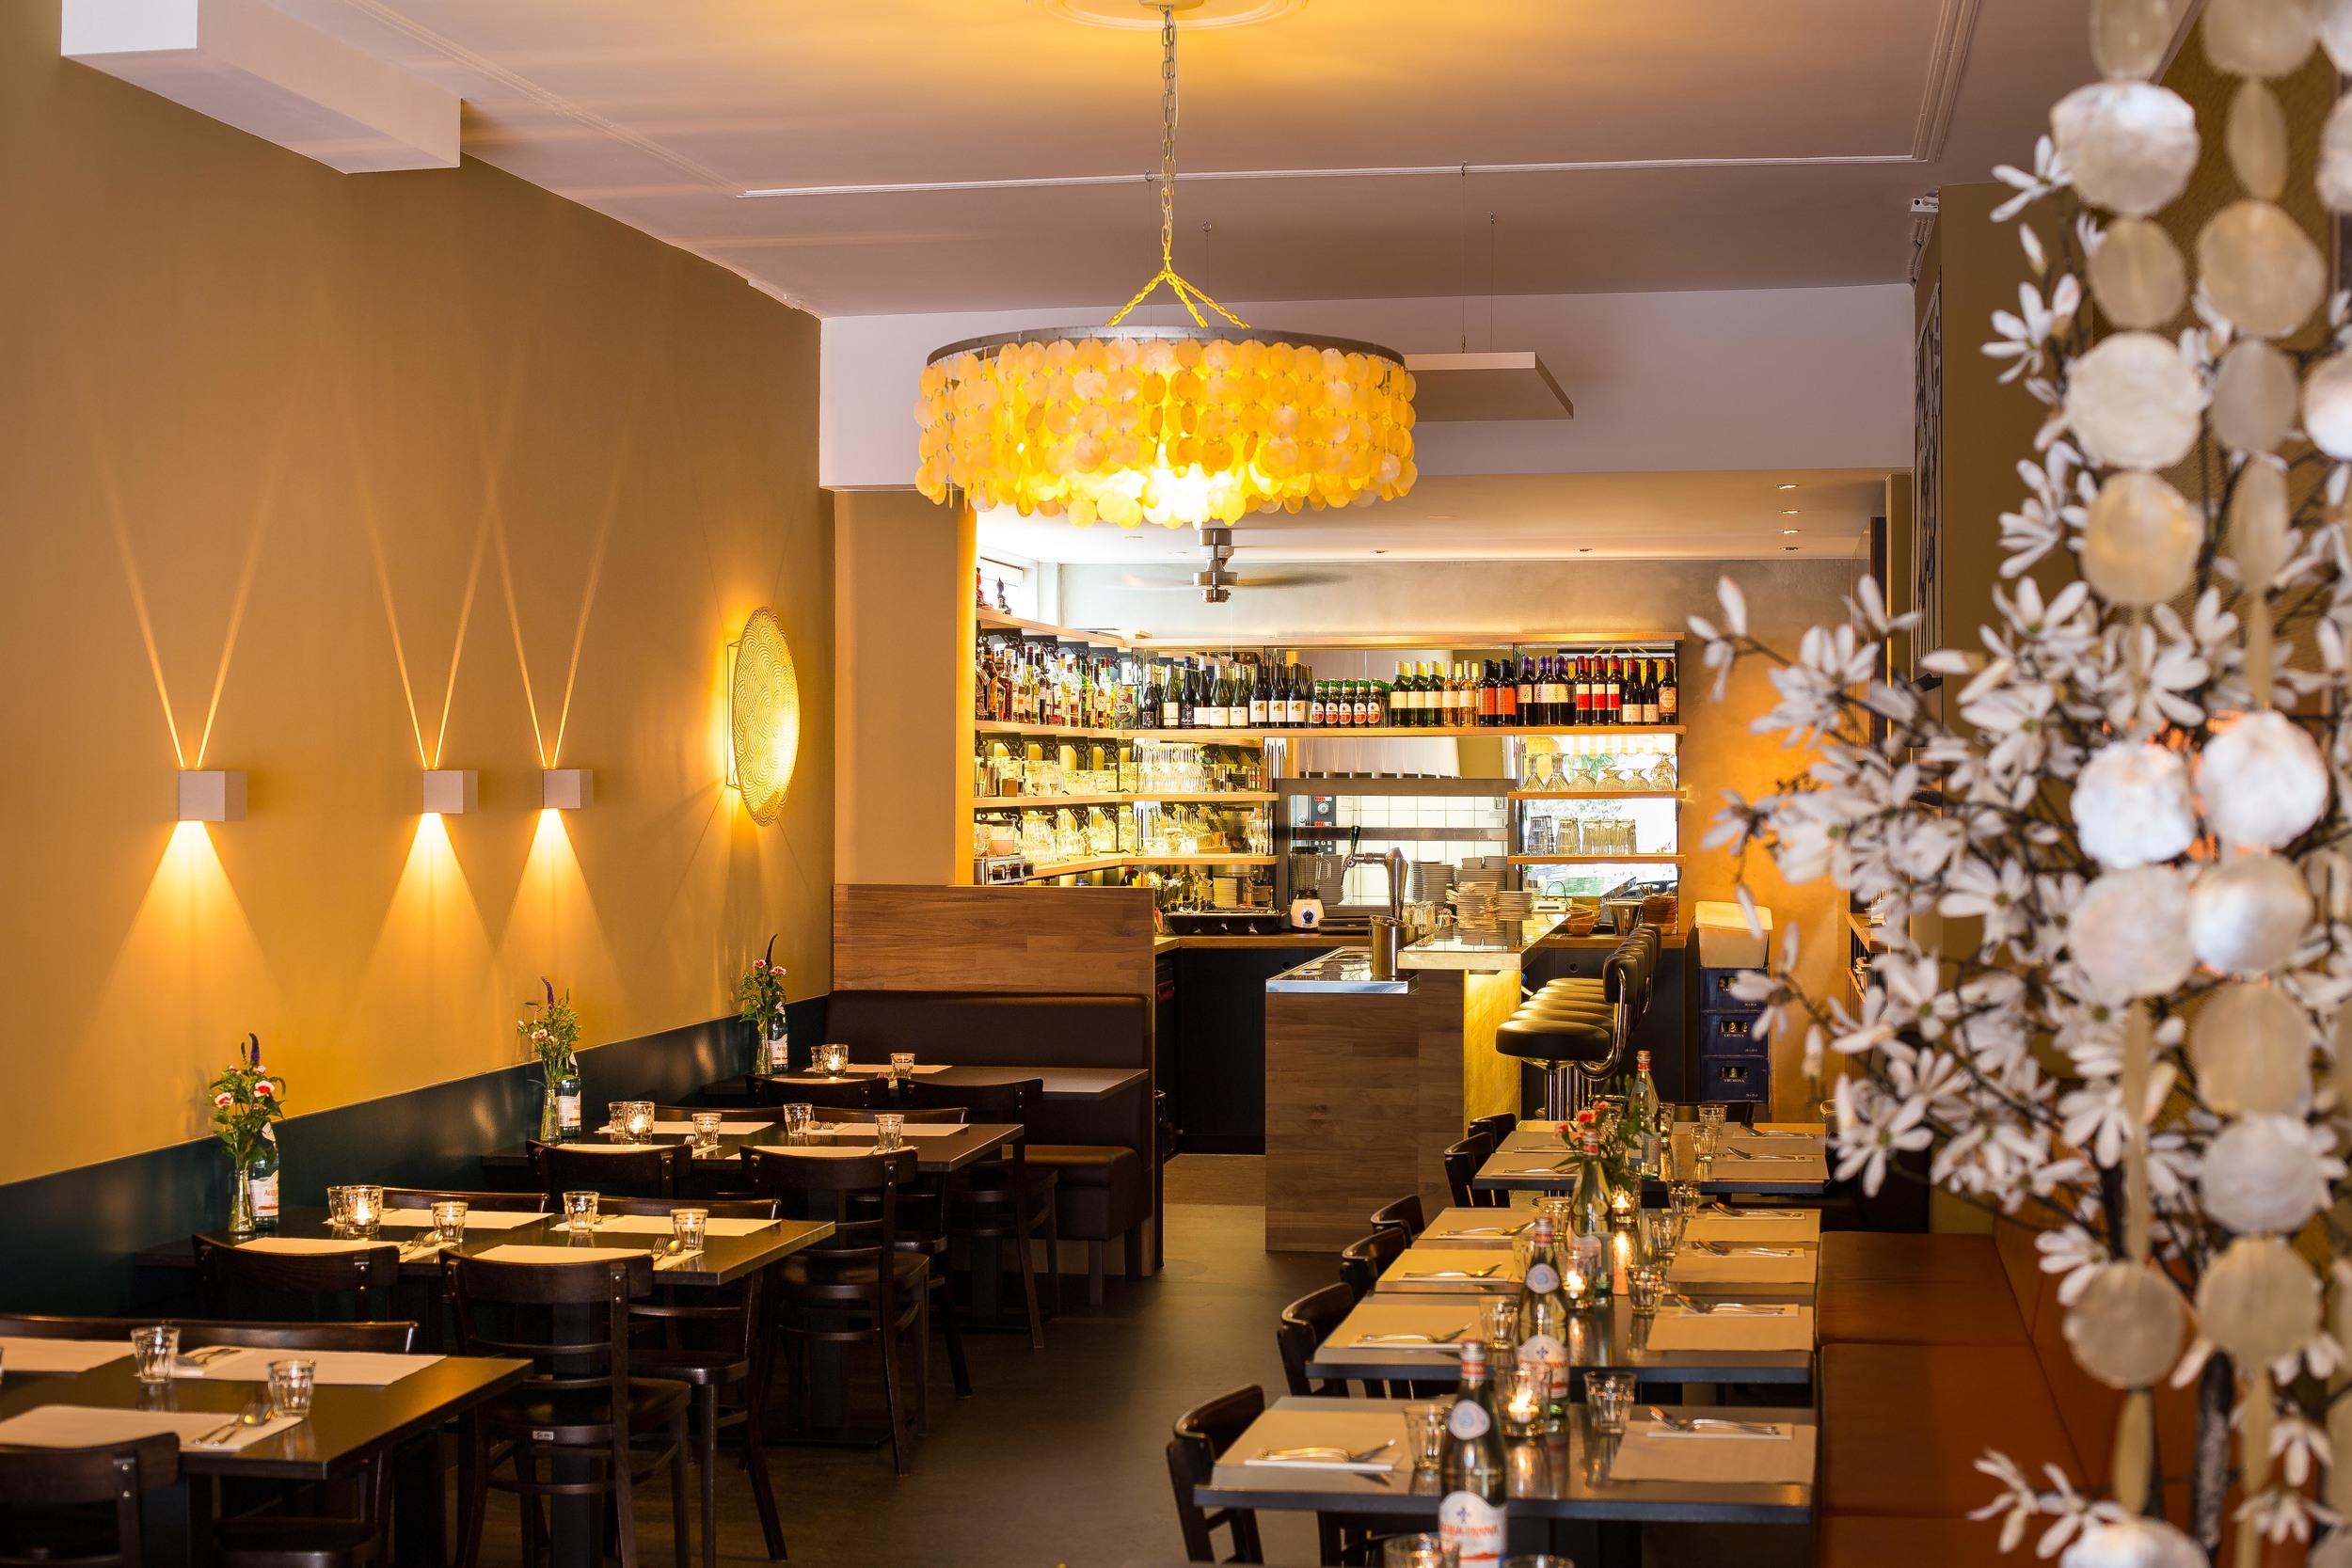 Indonesisch restaurant Didong-3.jpg